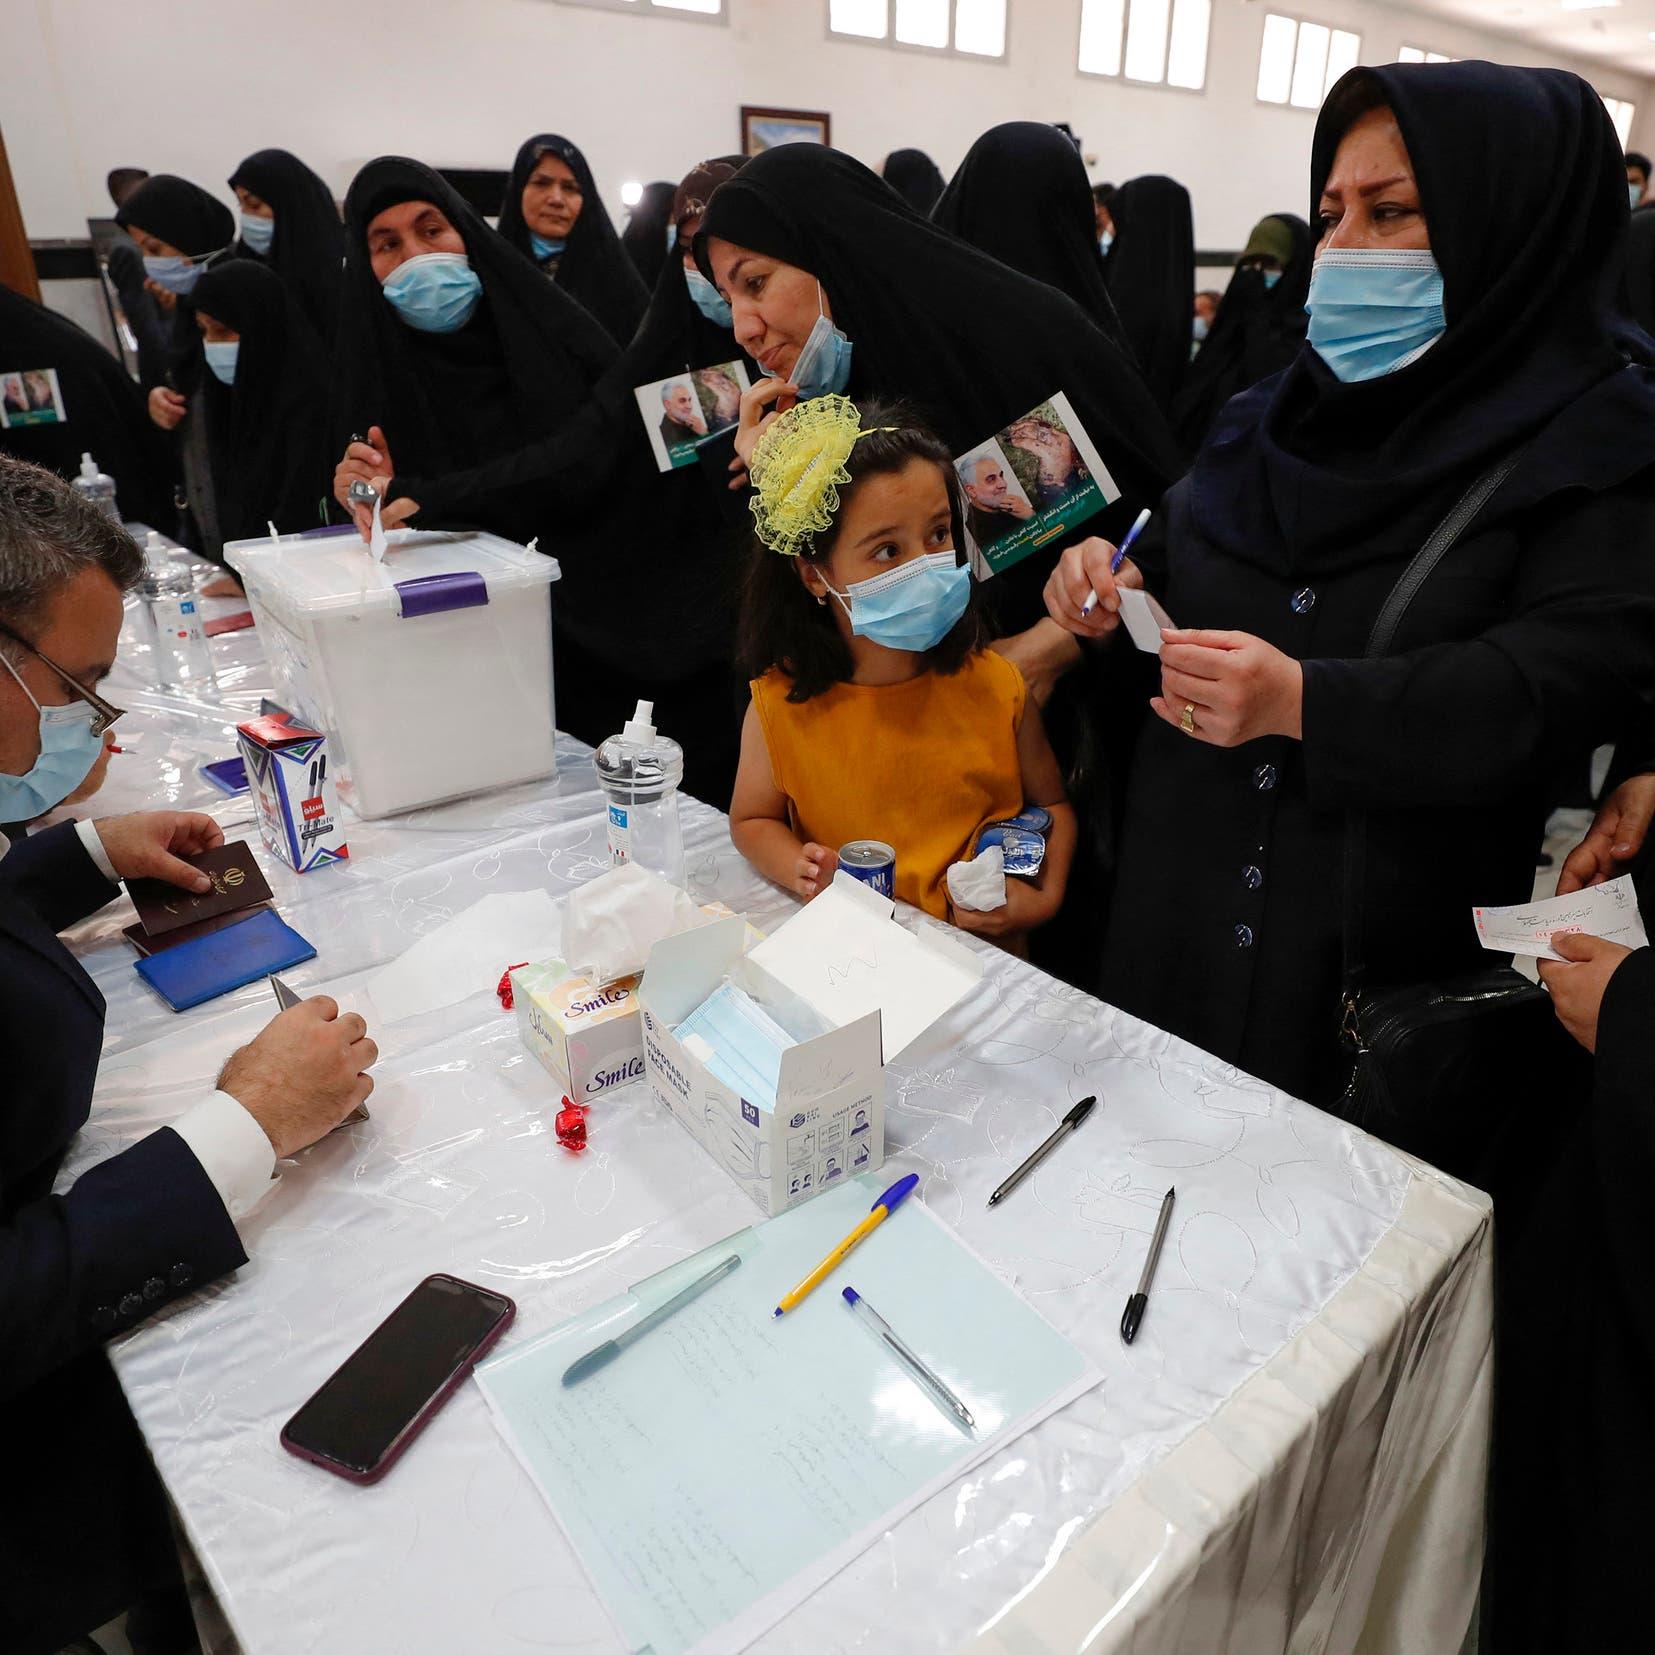 العراق.. انطلاق التحضيرات الأمنية للانتخابات البرلمانية